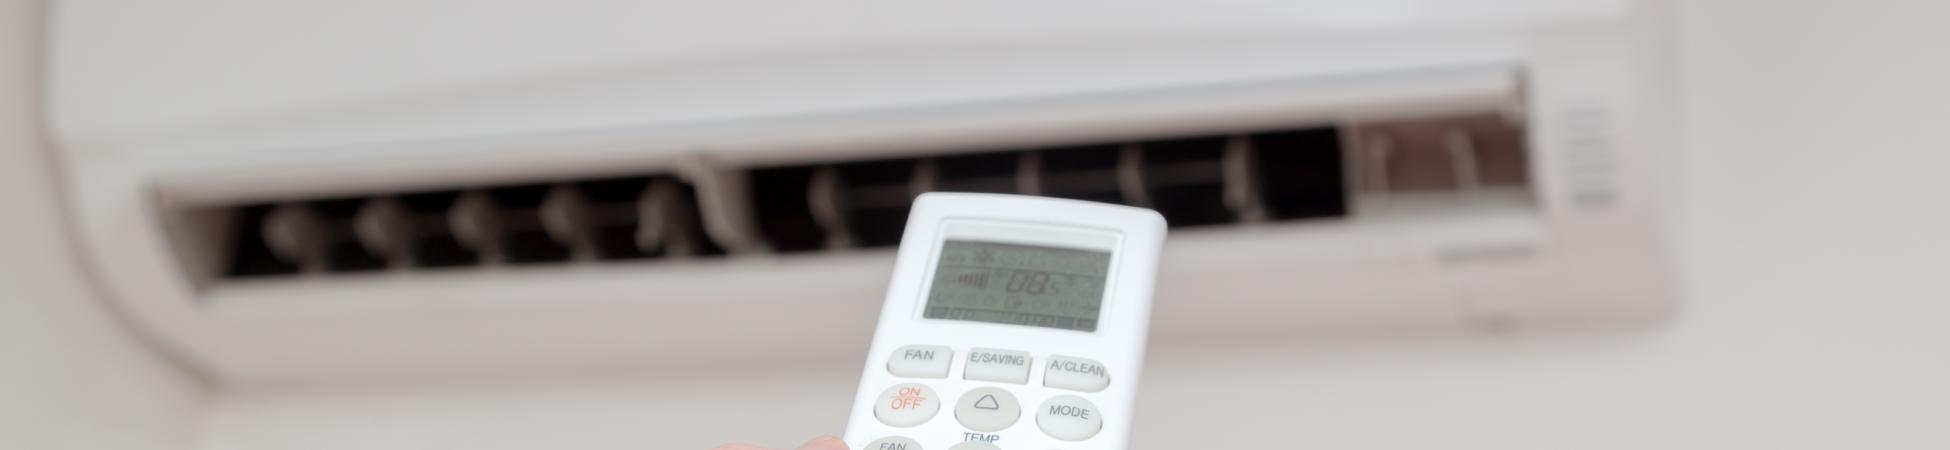 Pompe à chaleur air air - PAC